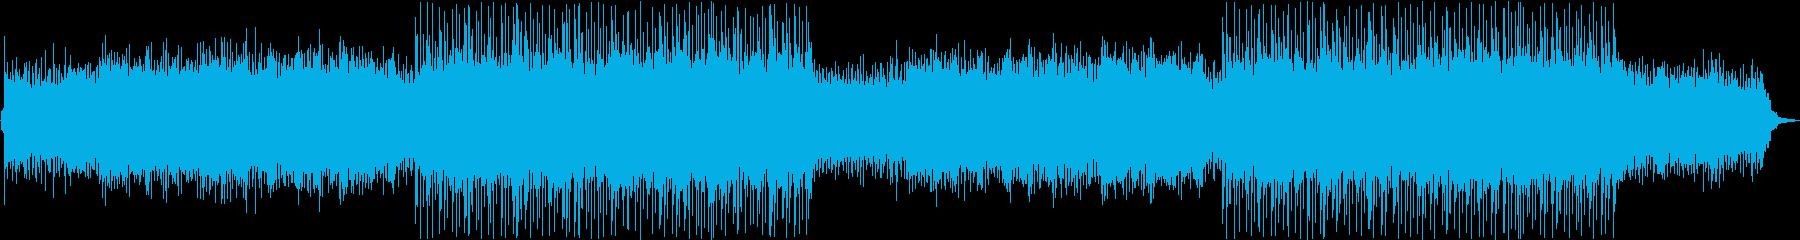 おしゃれで軽快なVLOG向けBGMの再生済みの波形